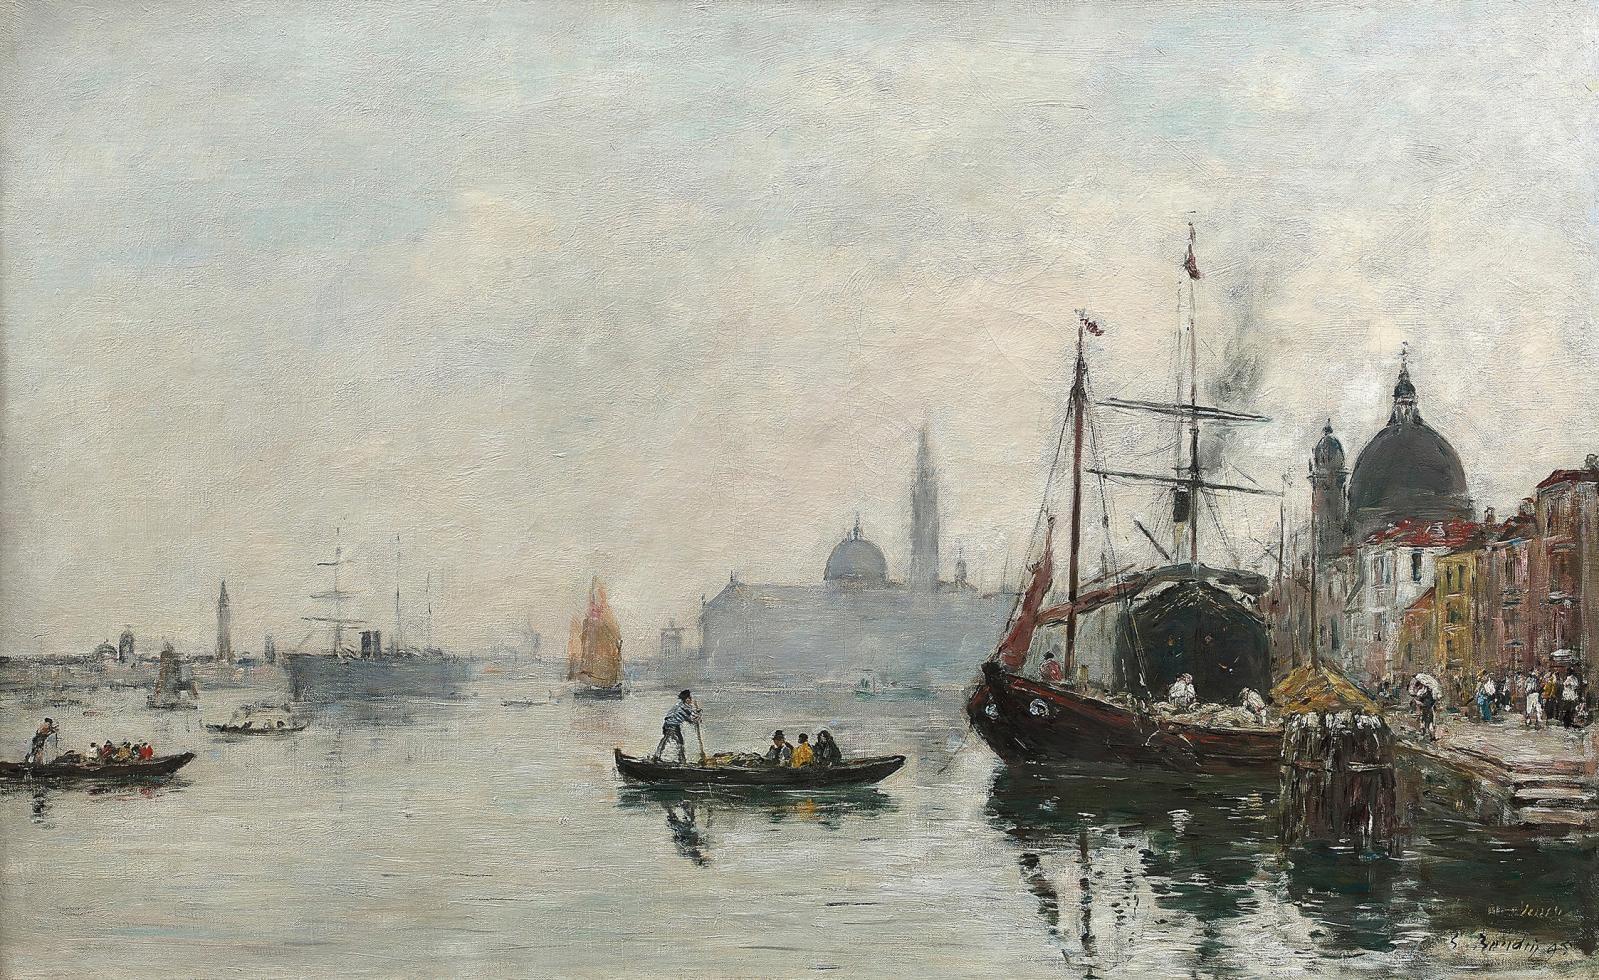 Eugène Boudin (1824-1898), Venise, le quai de la Giudecca, effet du matin, 1895, huile sur toile, 55x90cm. Vendredi 11 juin, salle 1-7